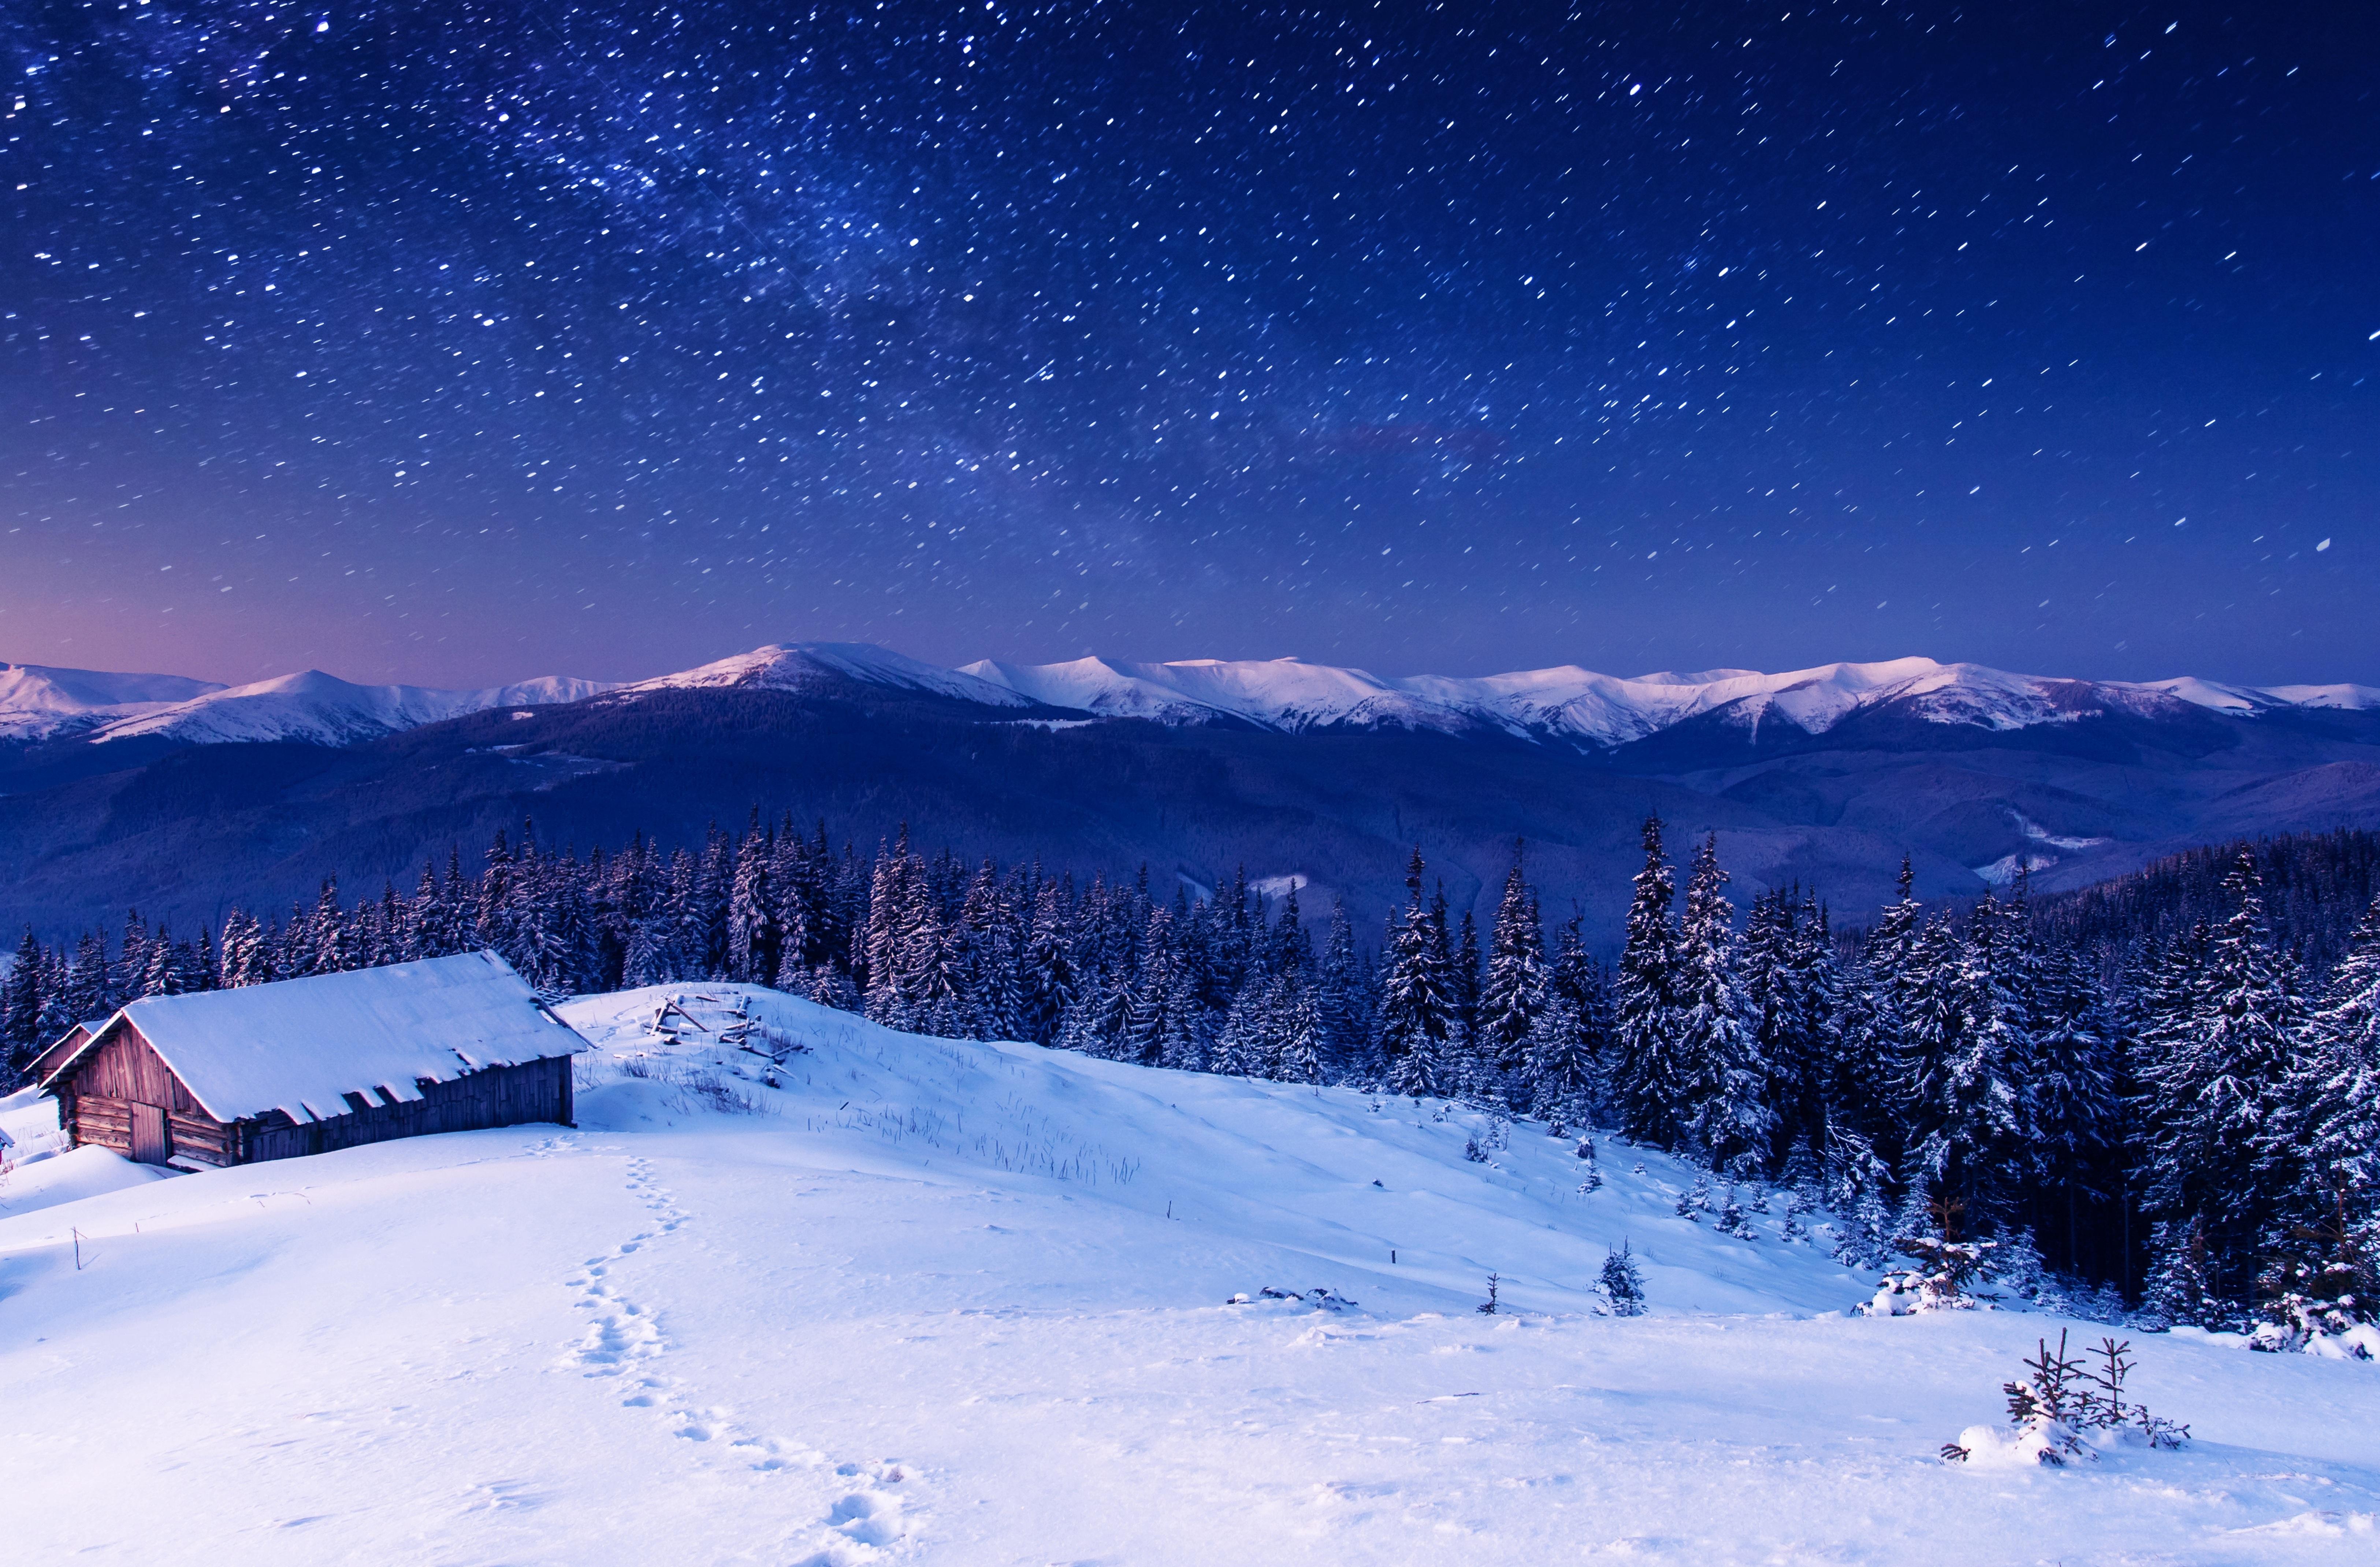 назвал элемент фото новогодней ночи в природе расскажем